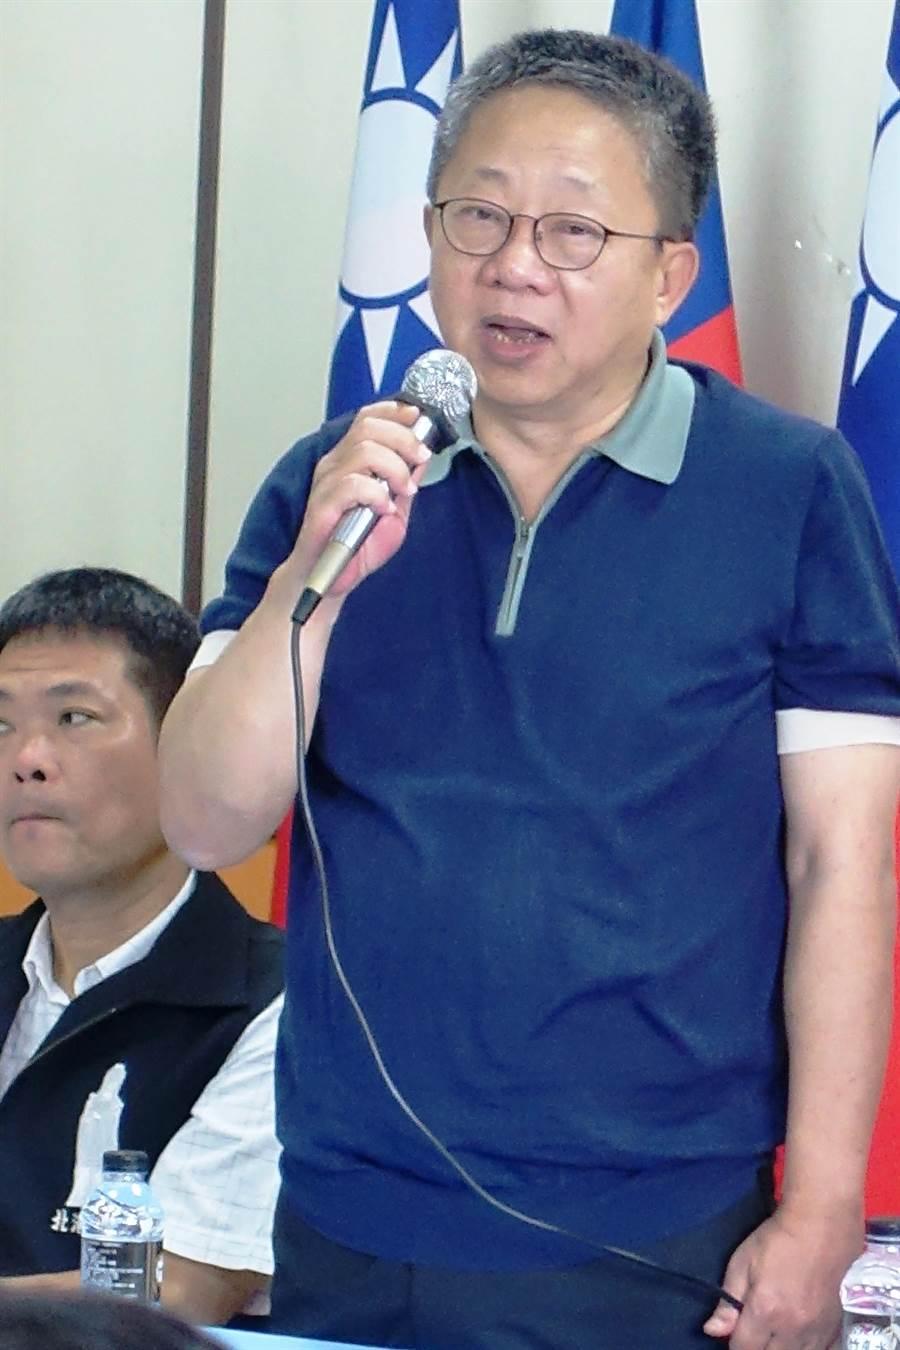 雲林縣議會議長沈宗隆8日在國民黨雲林縣黨部立委提名記者會爆蘇治芬很恐怖,要張嘉郡好好應戰。(周麗蘭攝)